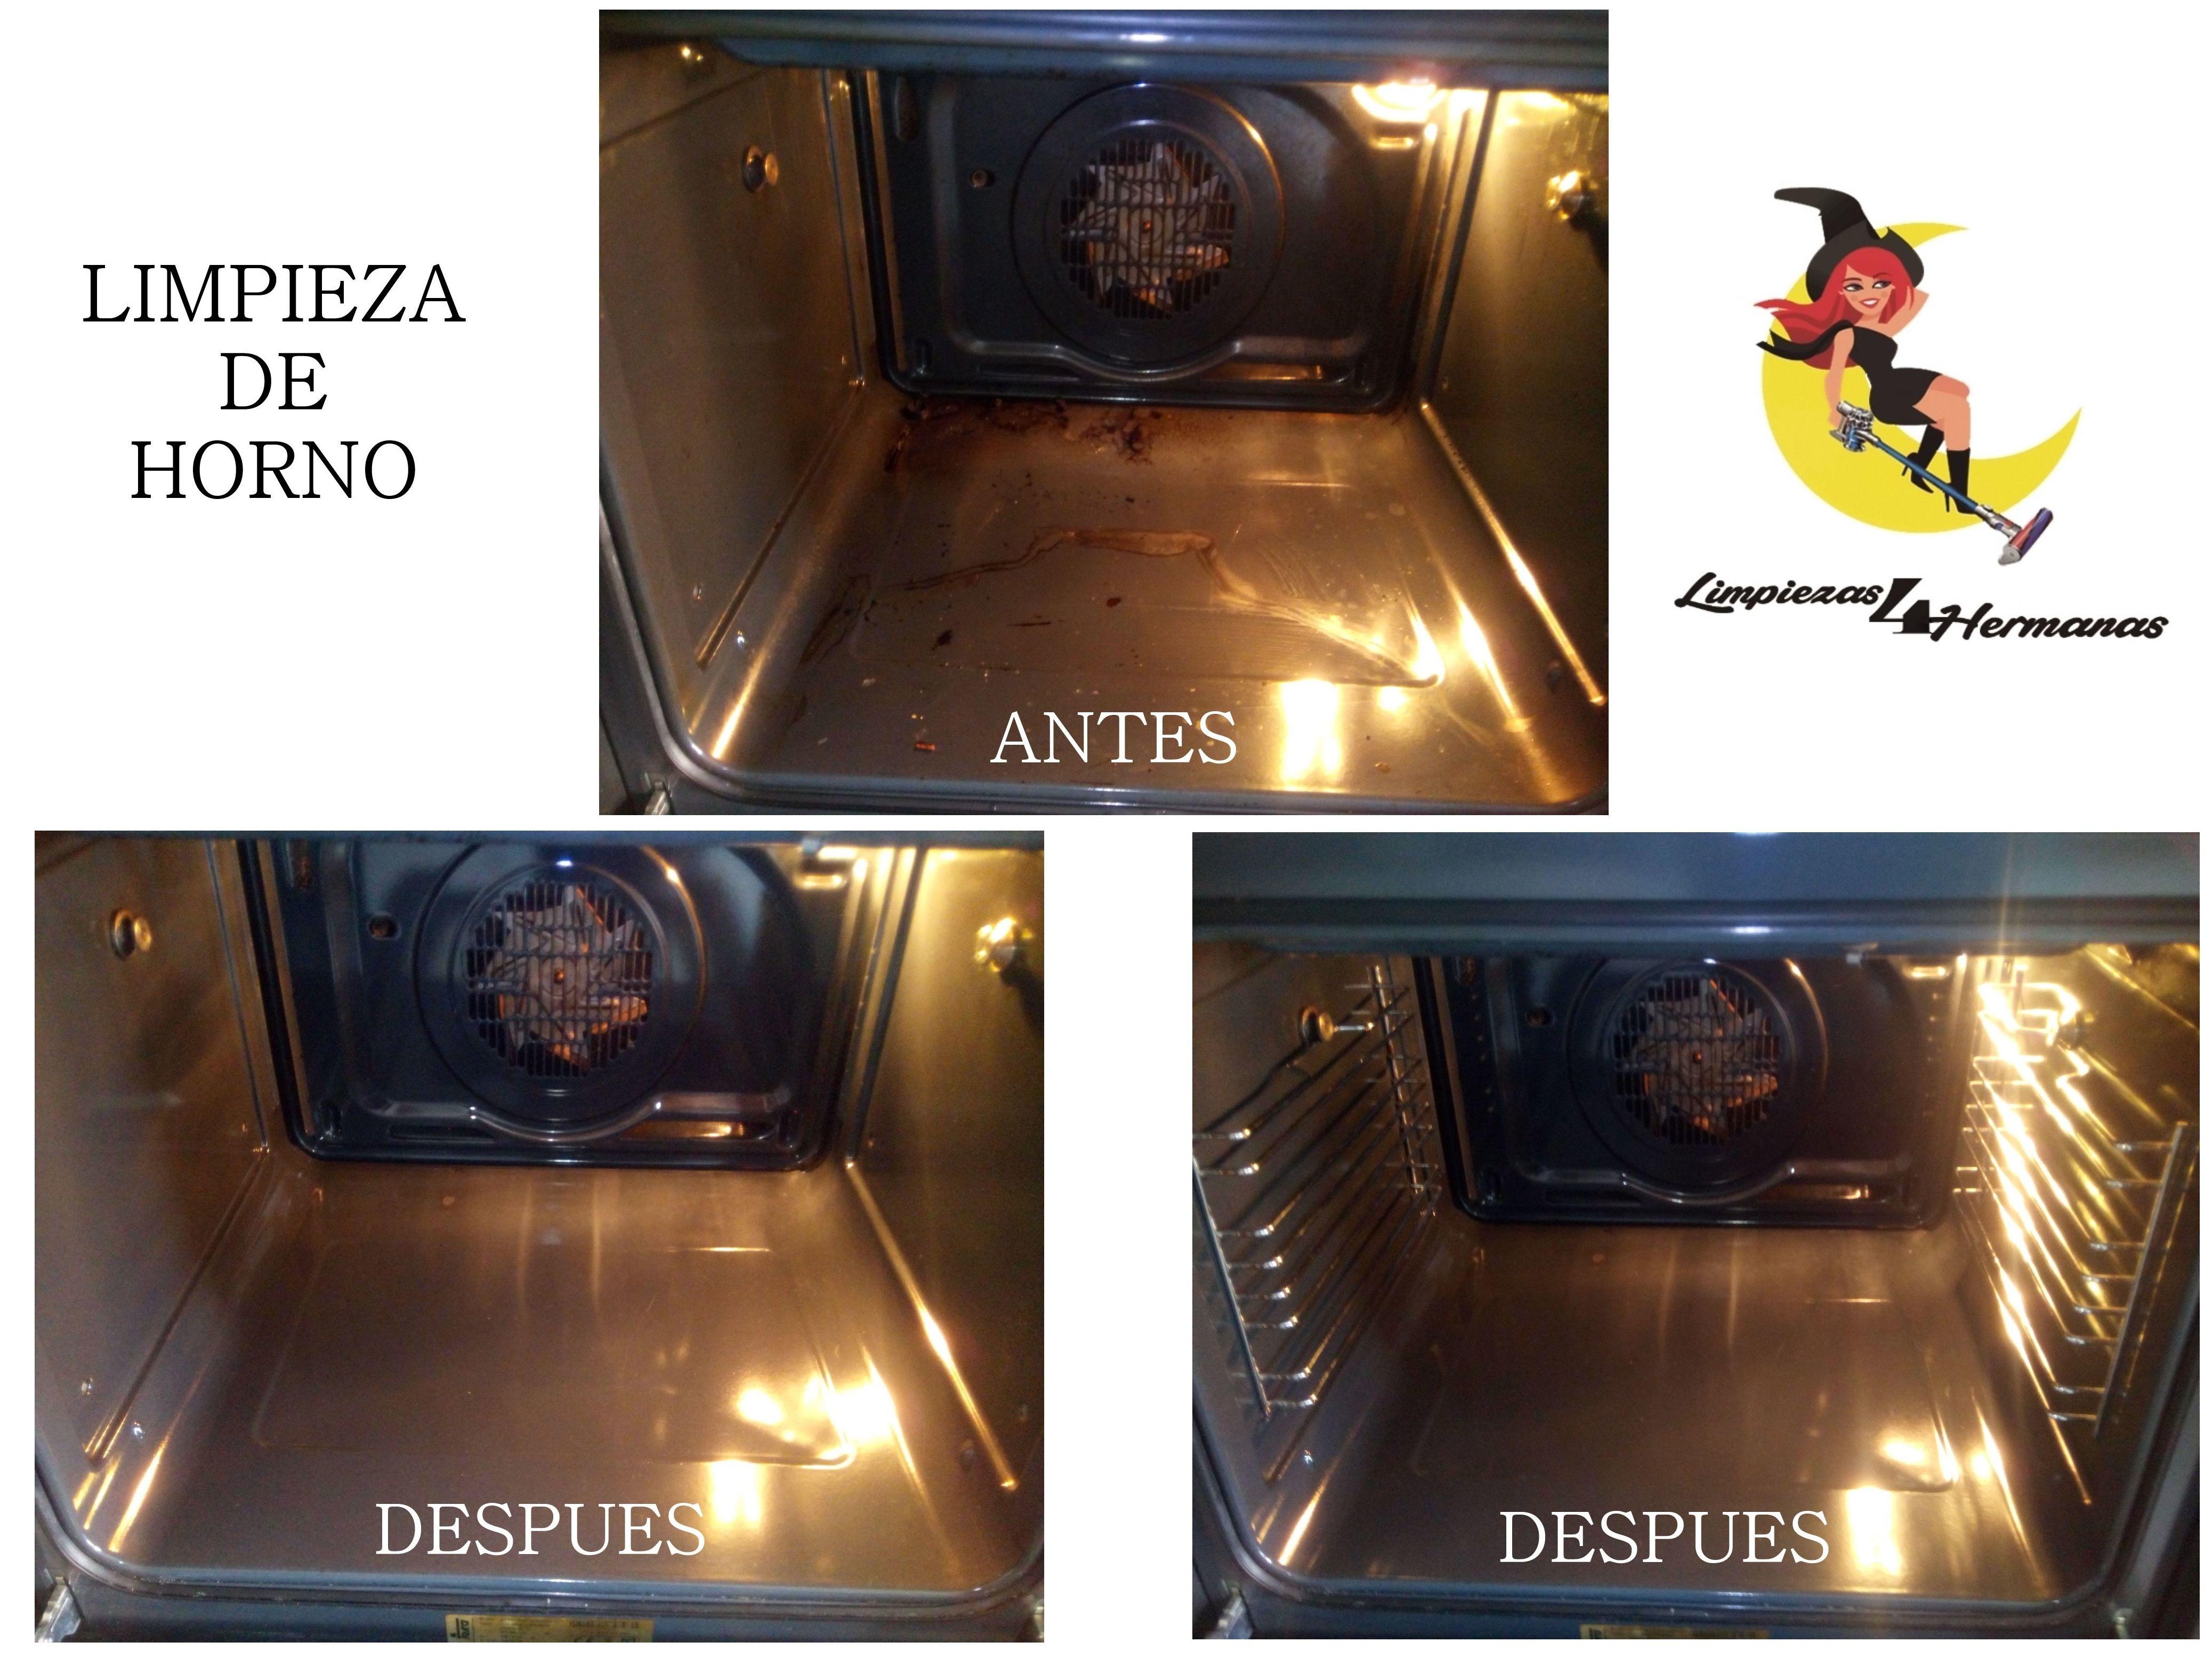 Técnica poco conocida y muy efectiva, sumado a nuestros excelentes productos, para dejar los interiores del horno con resultados sorprendentes.